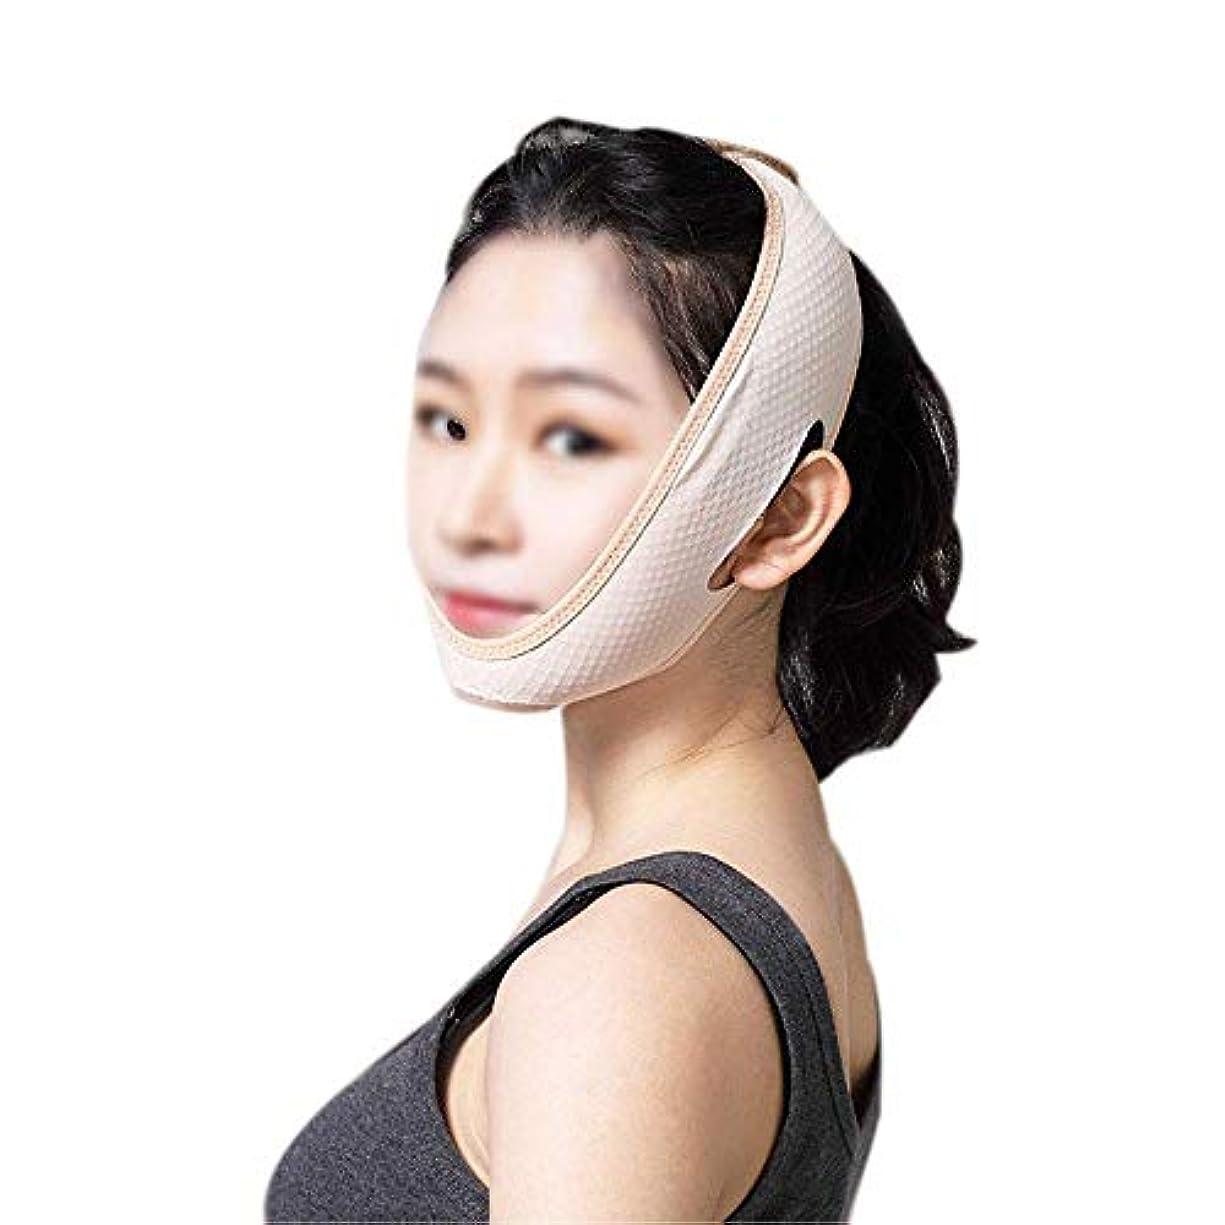 読みやすさ抗議不健康フェイスリフティングバンデージ、肌の引き締めを強化する薄いフェイスマスクの睡眠、ダブルチンマスクの削減